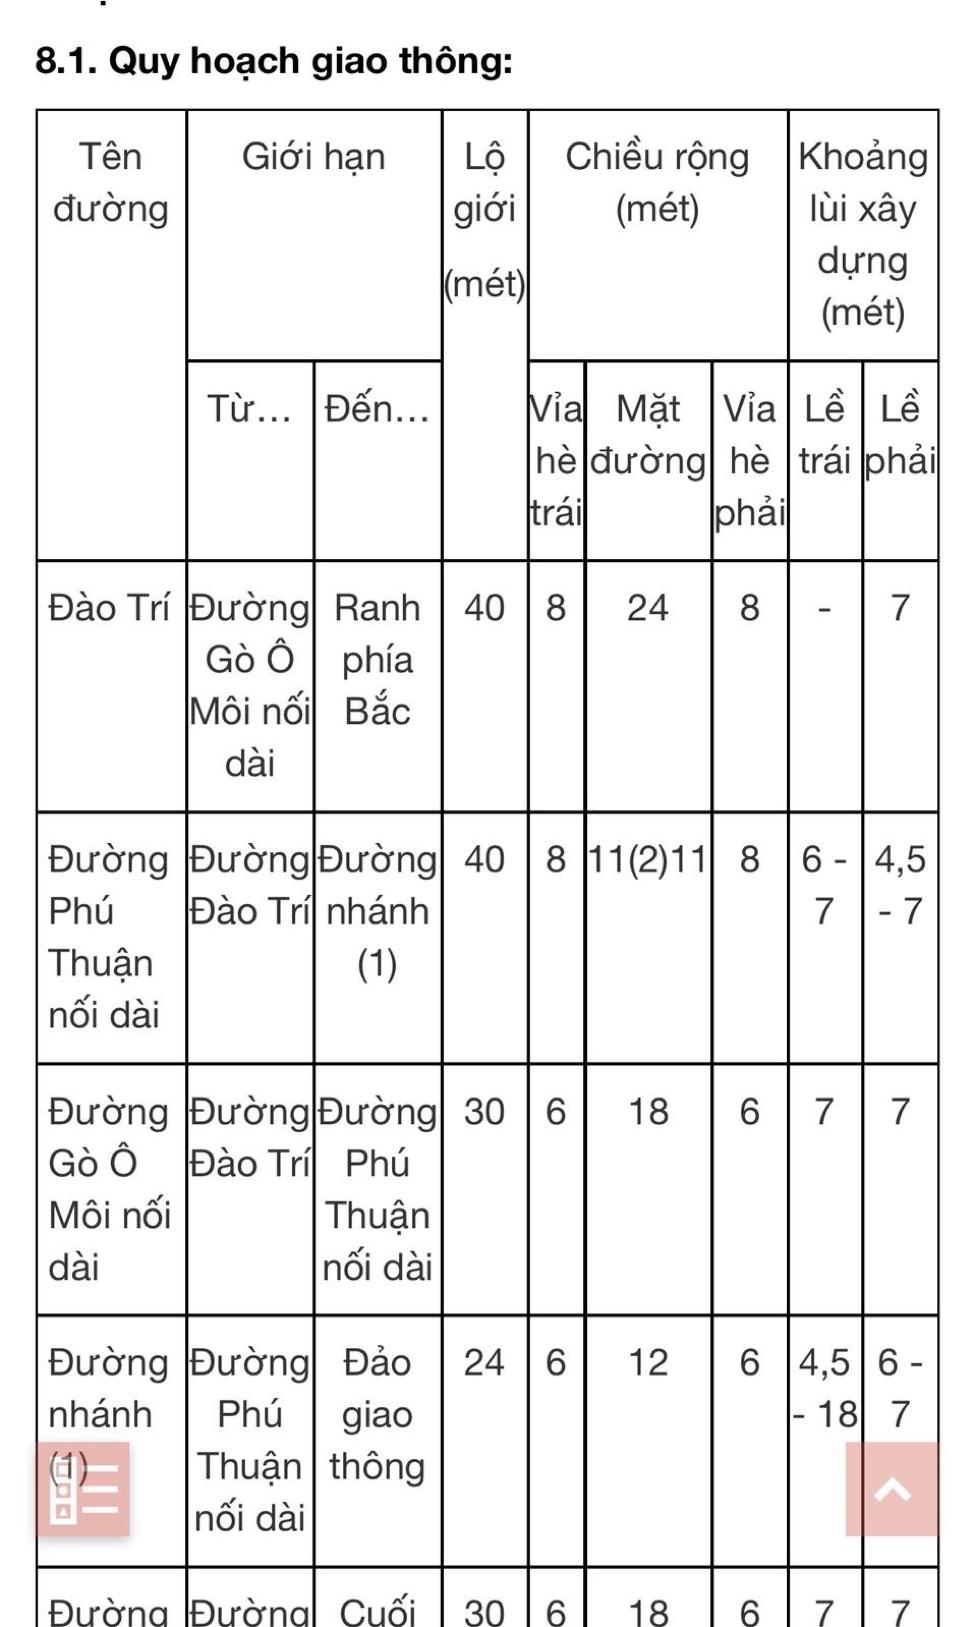 Đường Phú Thuận